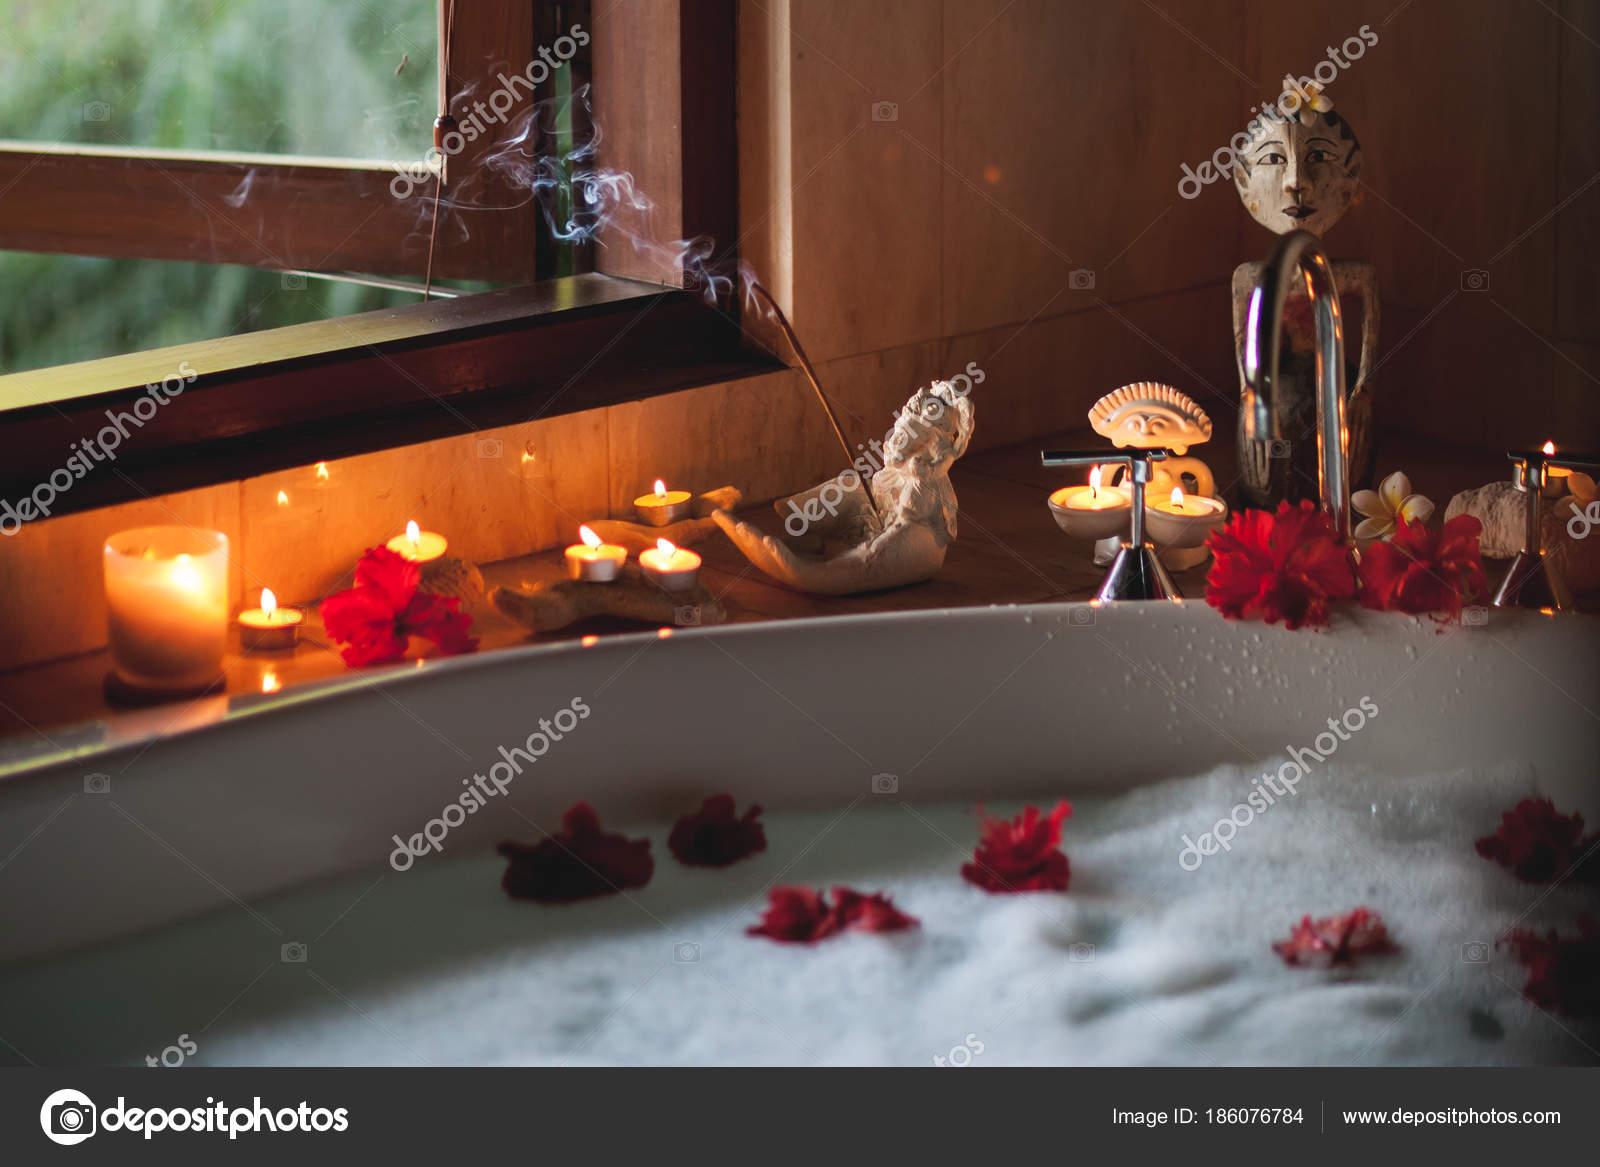 Vasca Da Bagno Romantica Con Candele : Grande vasca da bagno riempita con schiuma e fiori. atmosfera